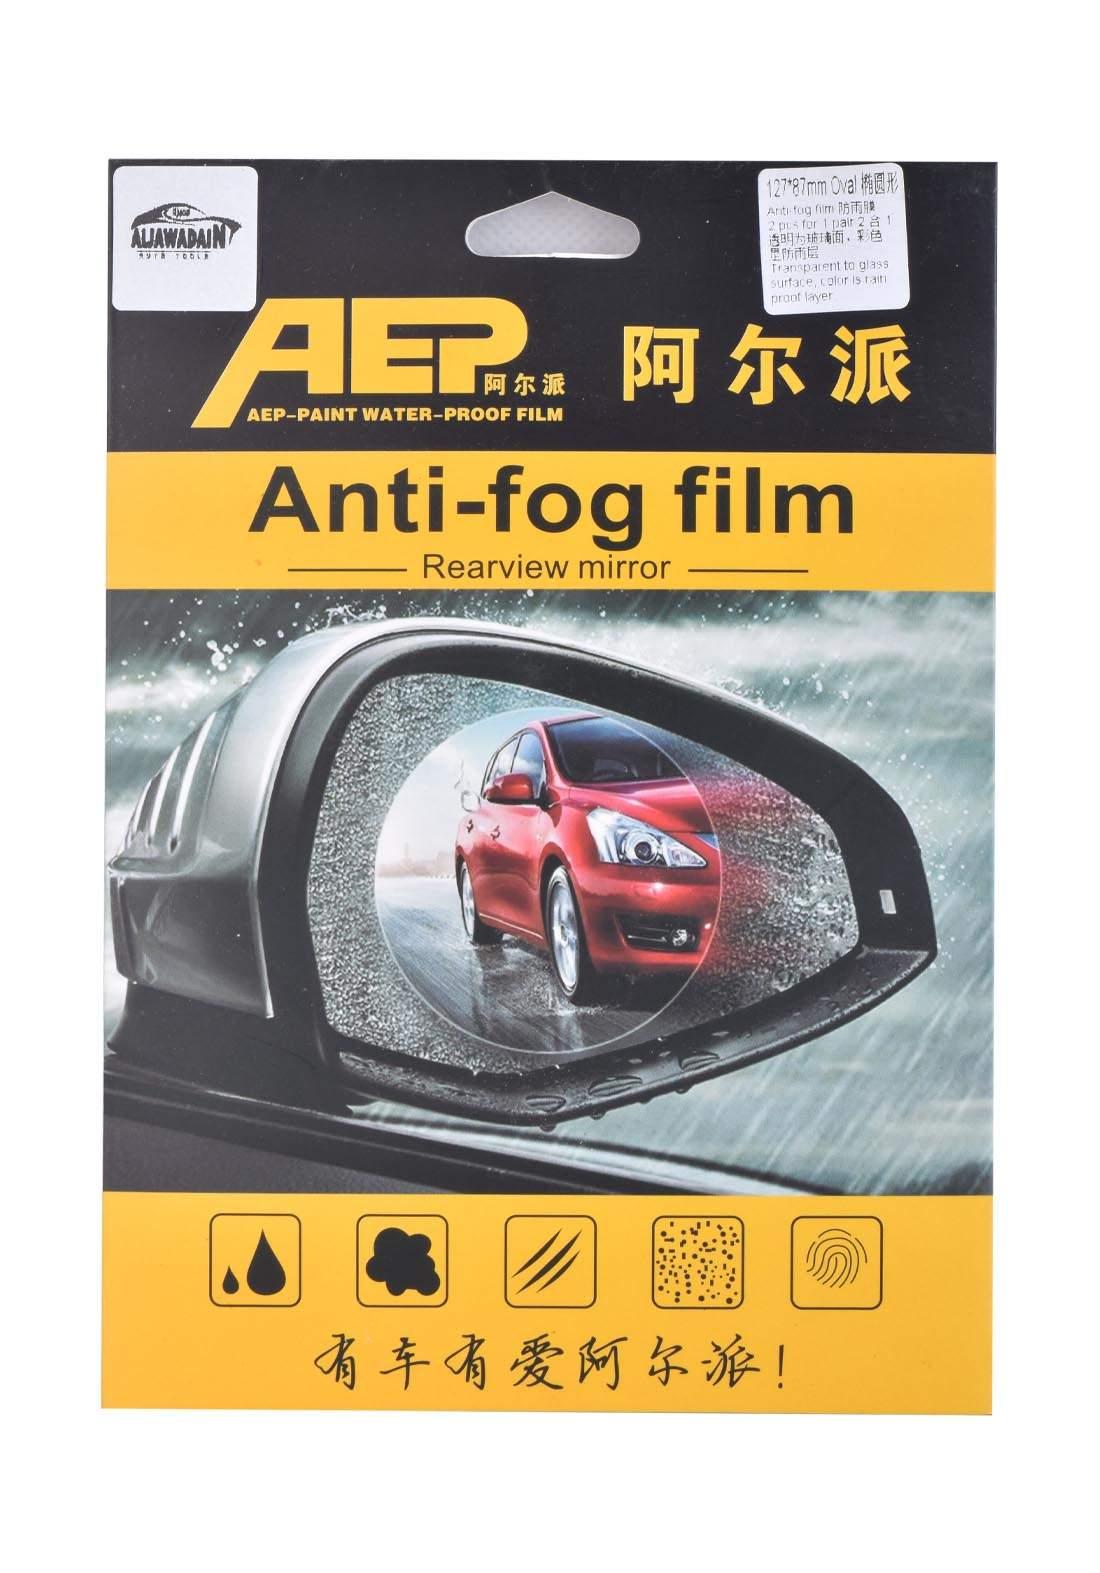 Anti-fog film Rearview Mirror لاصق لمرآة السيارة الامامية ضد الصباب